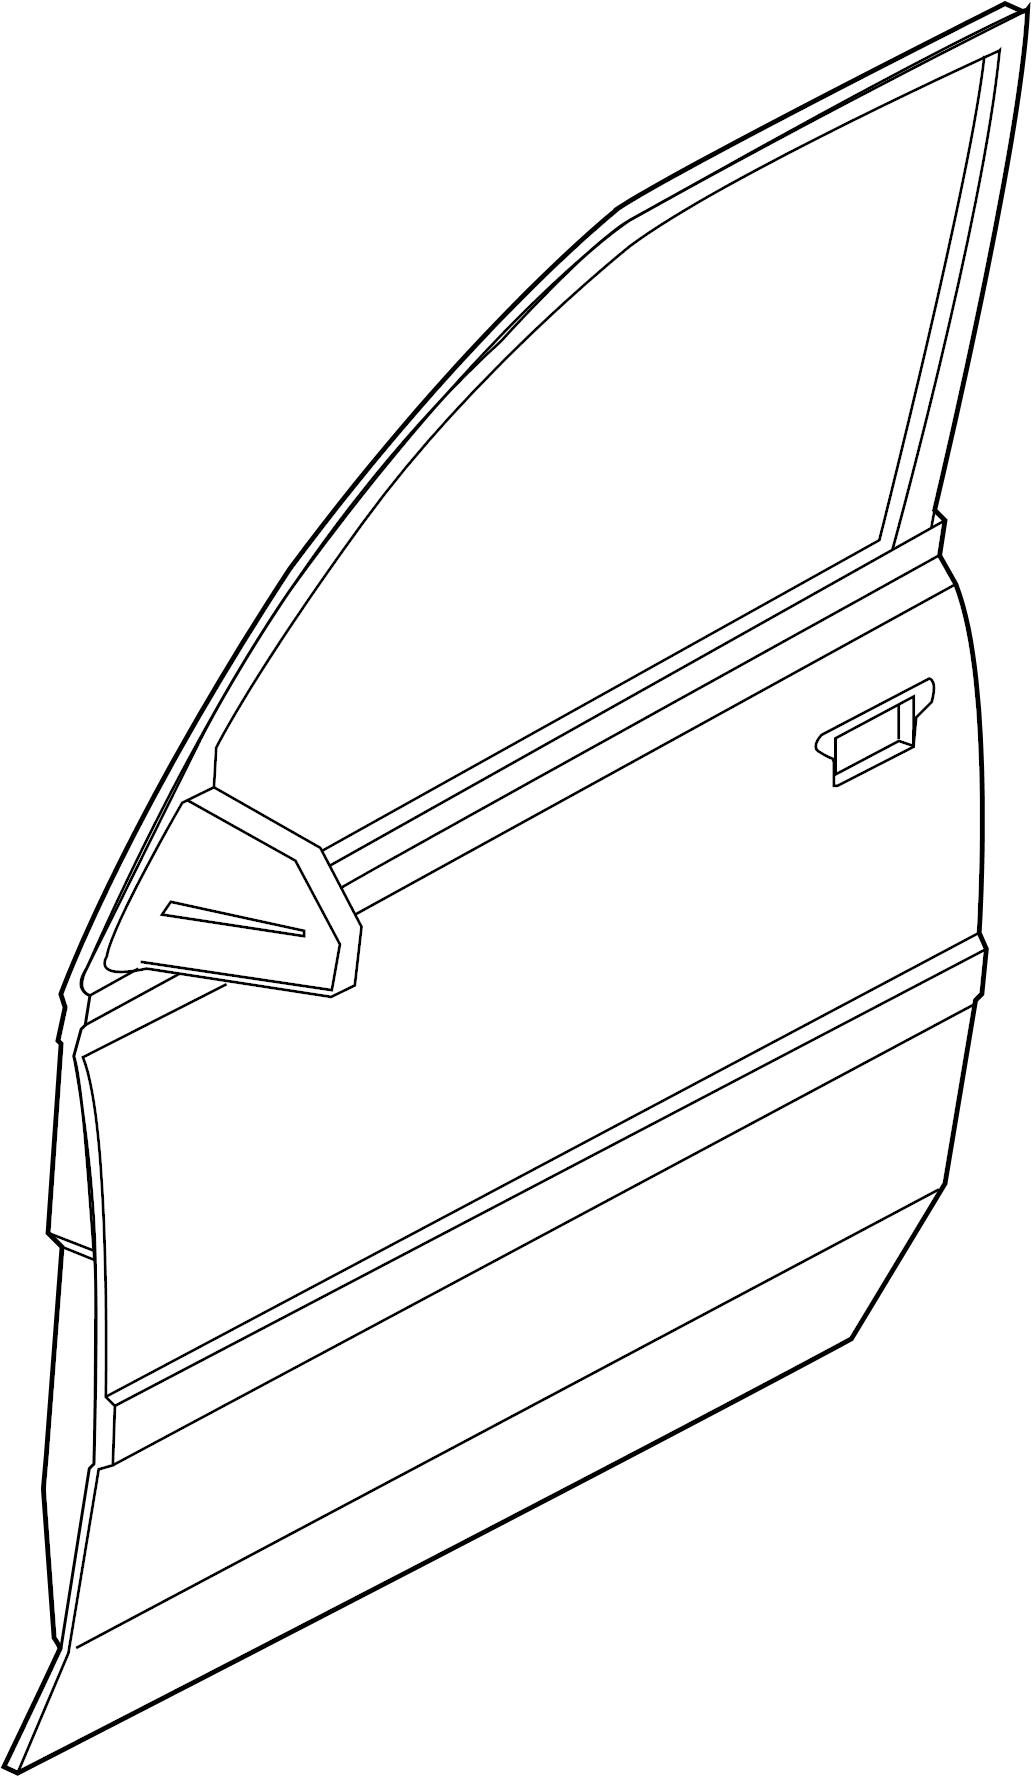 1999 chevrolet tracker mldg dc  molding  side molding  4 door  standard  4 door  zr2